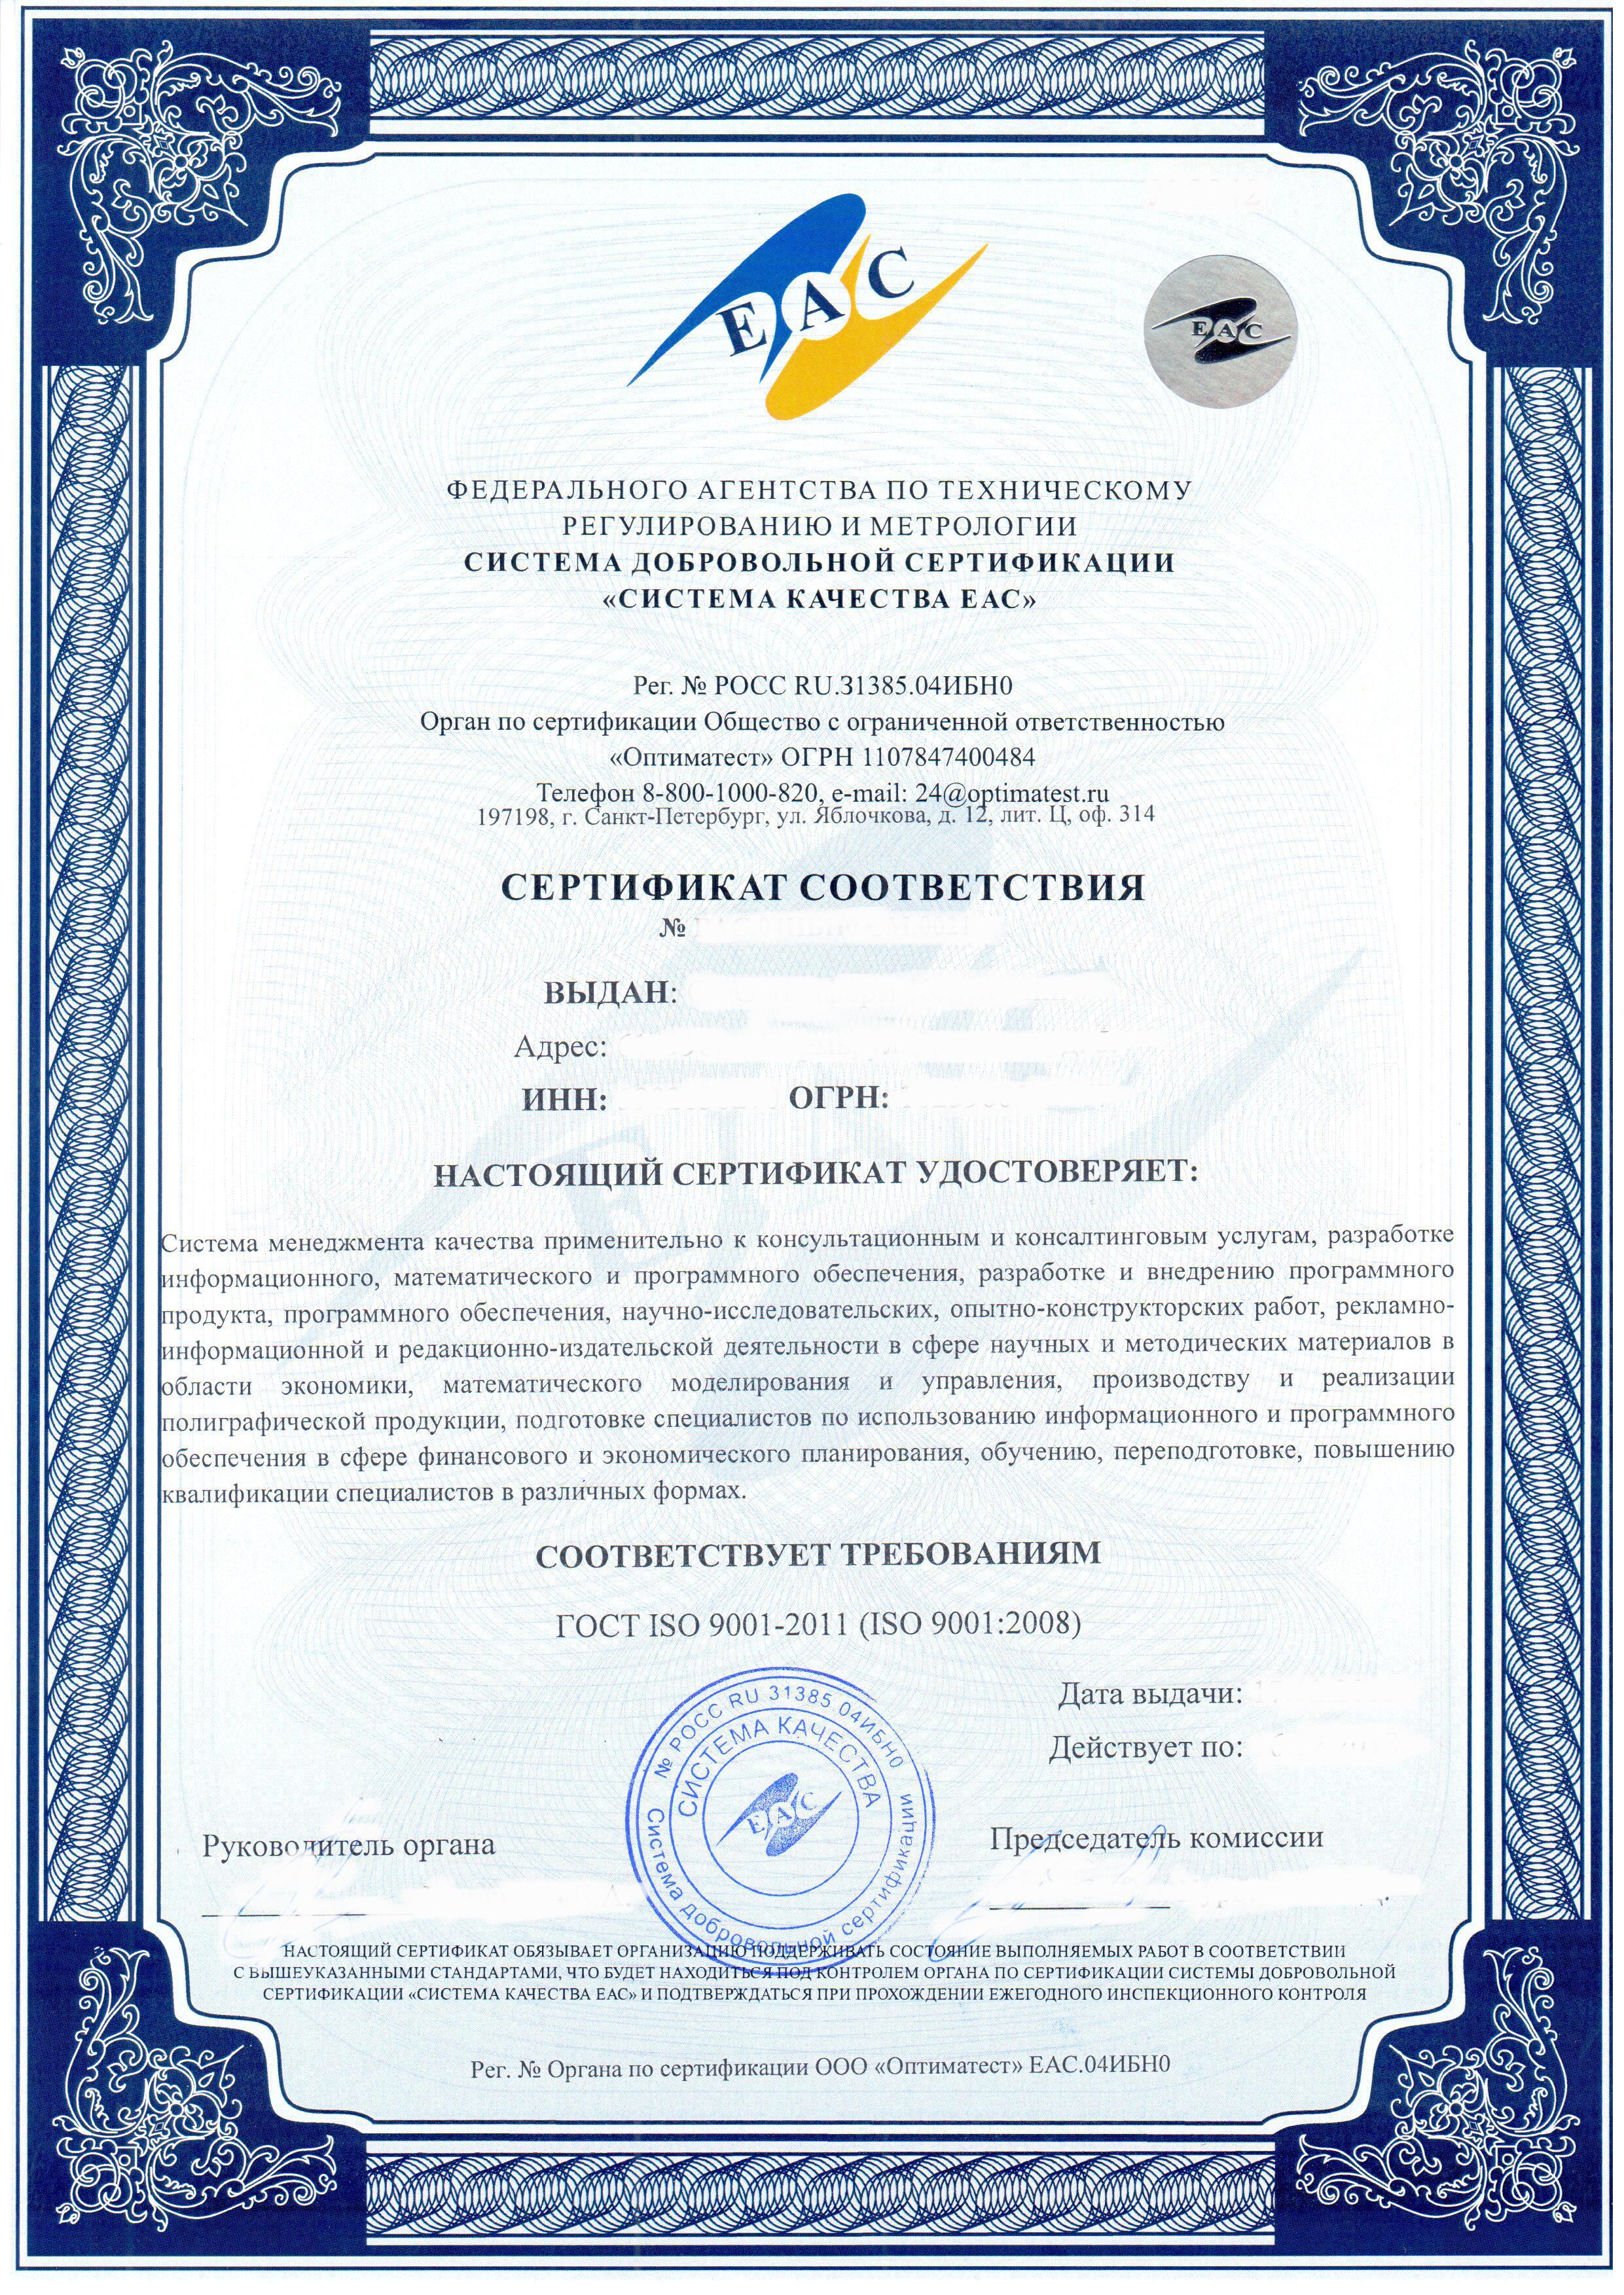 Получения сертификата исо 9001 сертификация профессиональных бухгалтеров минфин рк